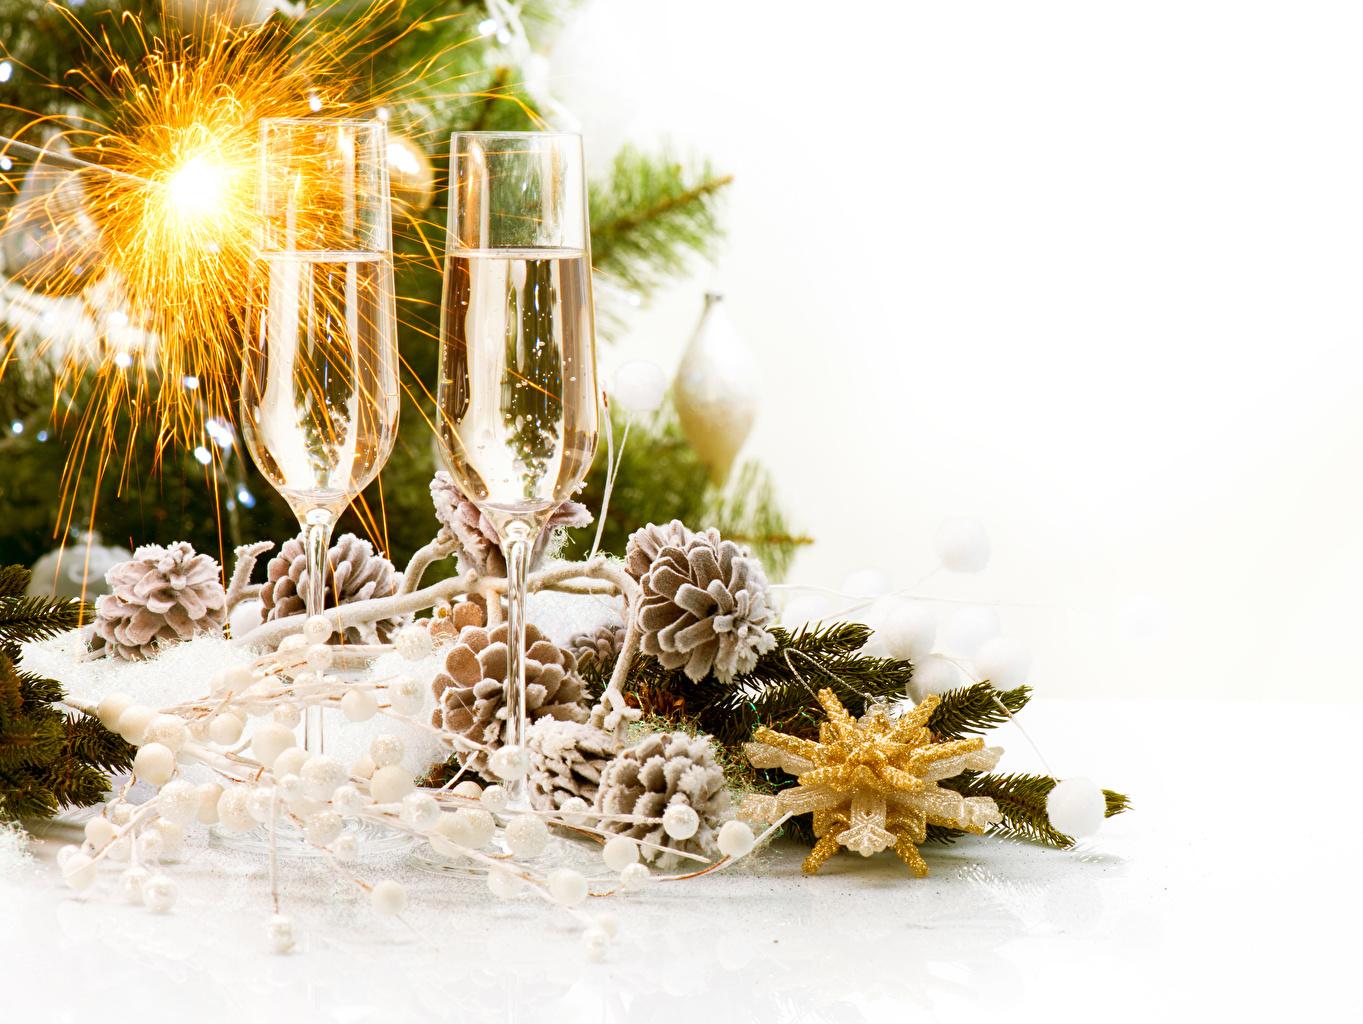 Фото Рождество Бенгальские огни Шампанское Пища бокал Шишки белым фоном Новый год Игристое вино Еда шишка Бокалы Продукты питания Белый фон белом фоне